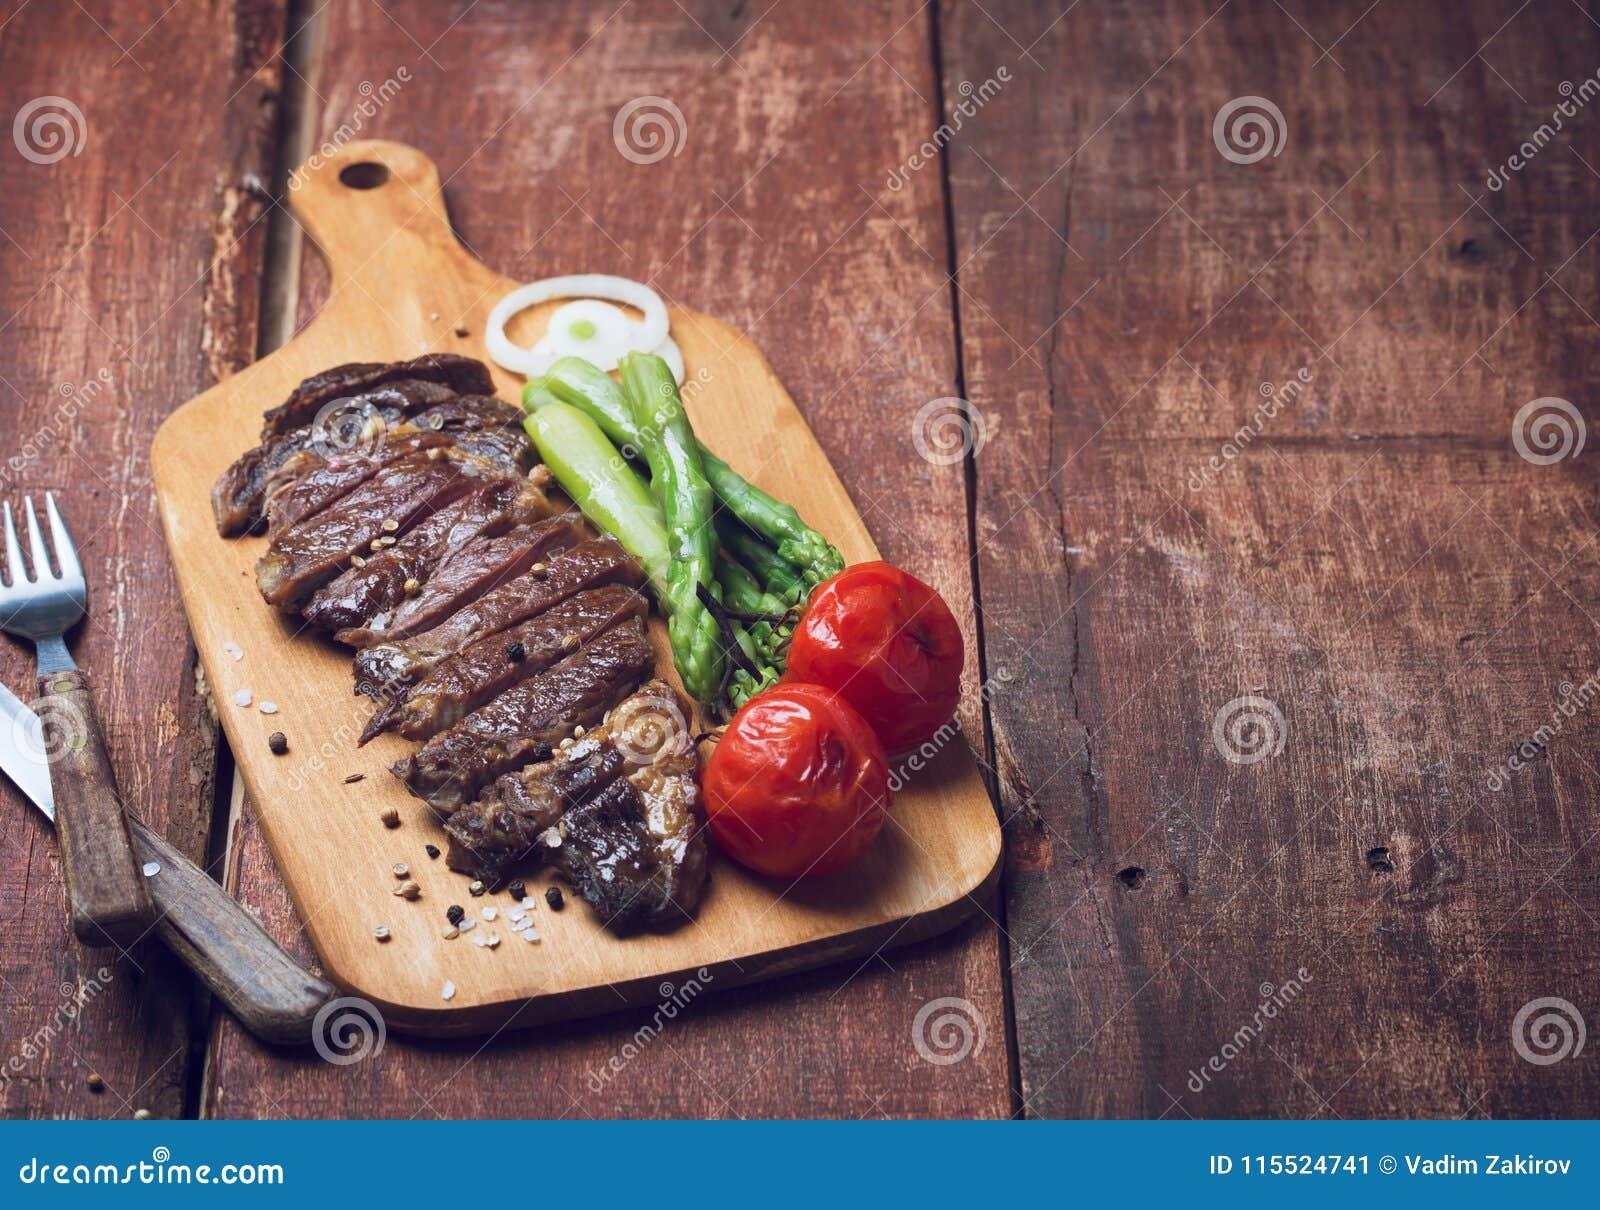 Bife grelhado com asparaguas e tomates em um fundo rústico de madeira